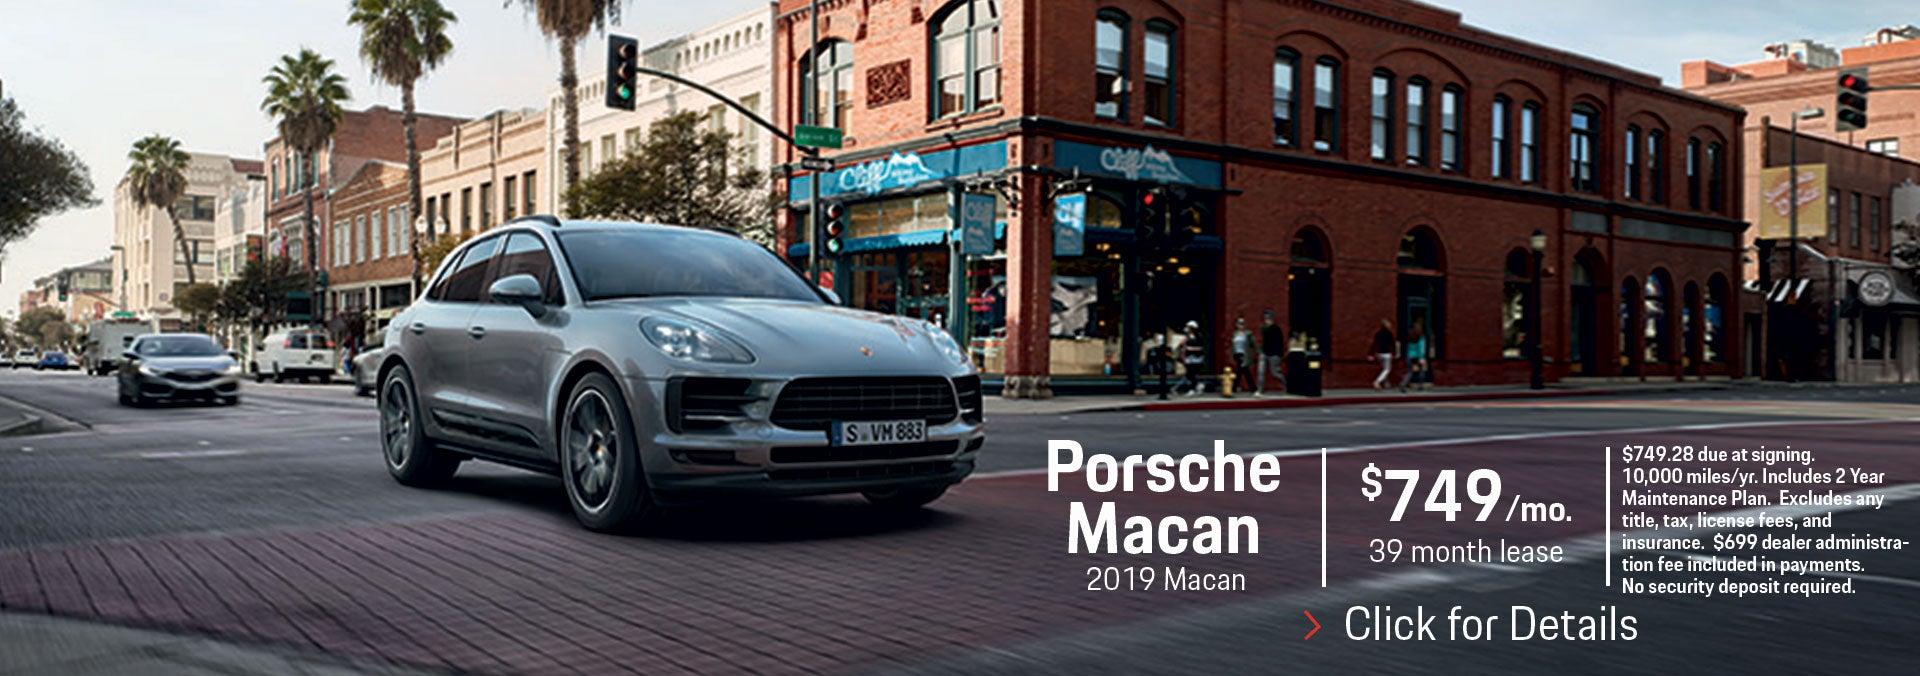 Greensboro Aston Martin, Ferrari, Maserati, Porsche Dealer in